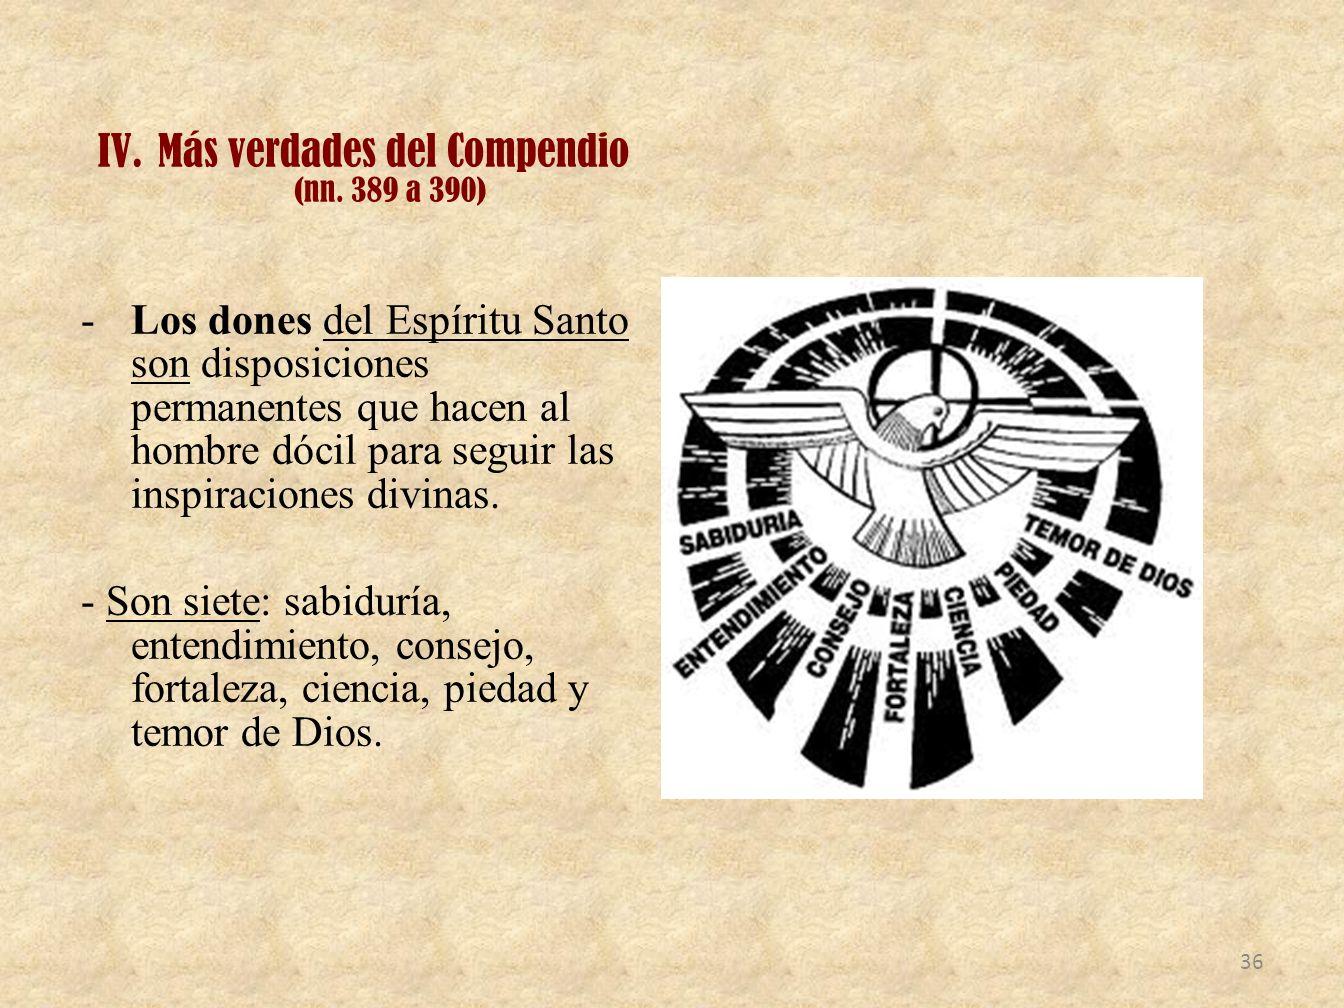 Más verdades del Compendio (nn. 389 a 390)